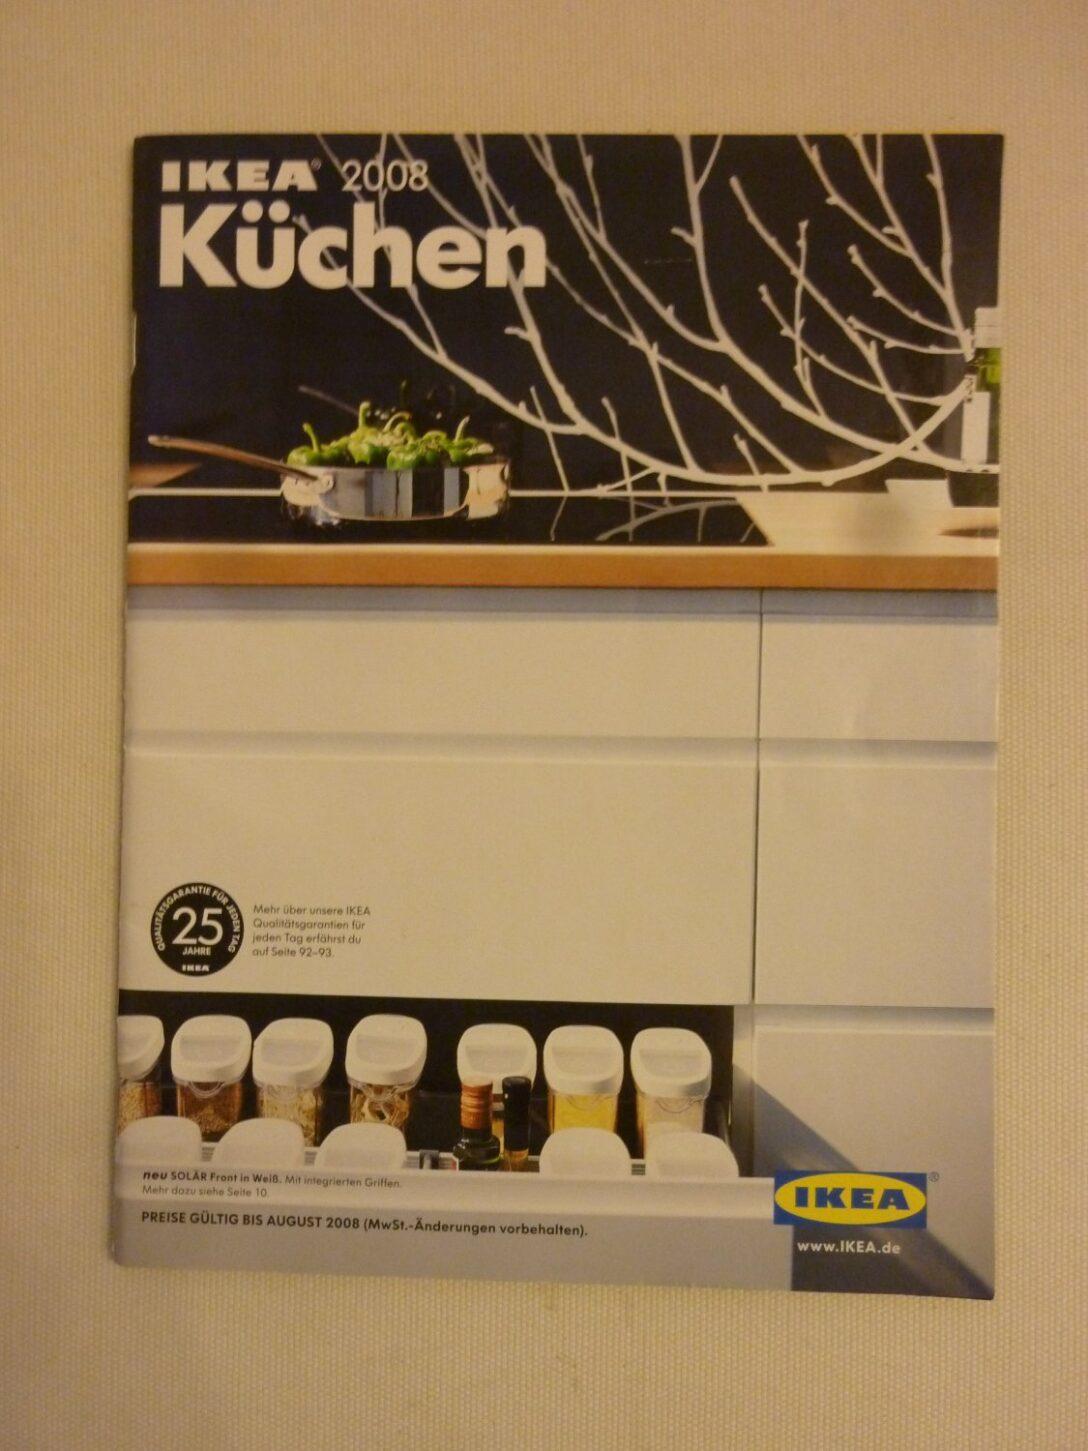 Large Size of Ikea Küchen Preise Katalog Kchen 2008 Komplett Mit Planungsbogen Und Betten 160x200 Küche Kaufen Ruf Miniküche Kosten Holz Alu Fenster Weru Veka Internorm Wohnzimmer Ikea Küchen Preise